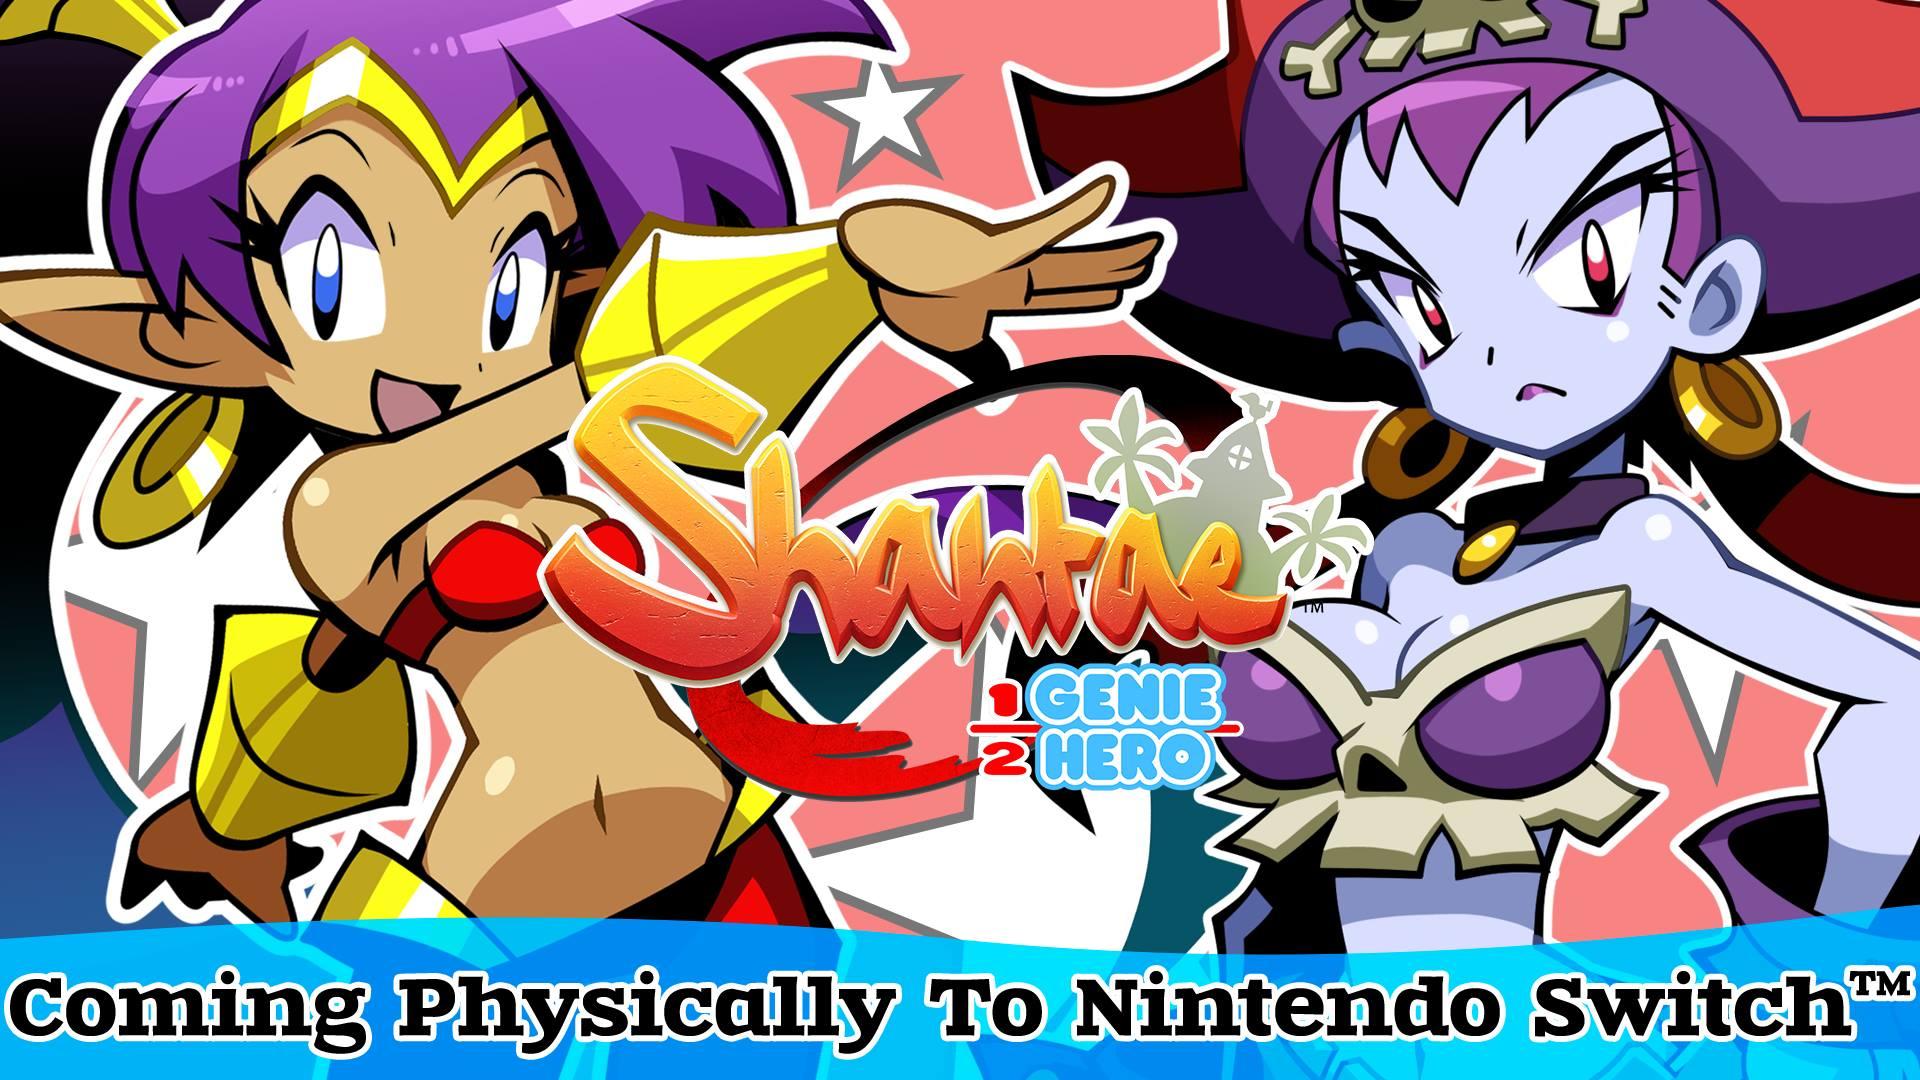 『Shantae(シャンティ):Half-Genie Hero』のパッケージ版が発売決定!